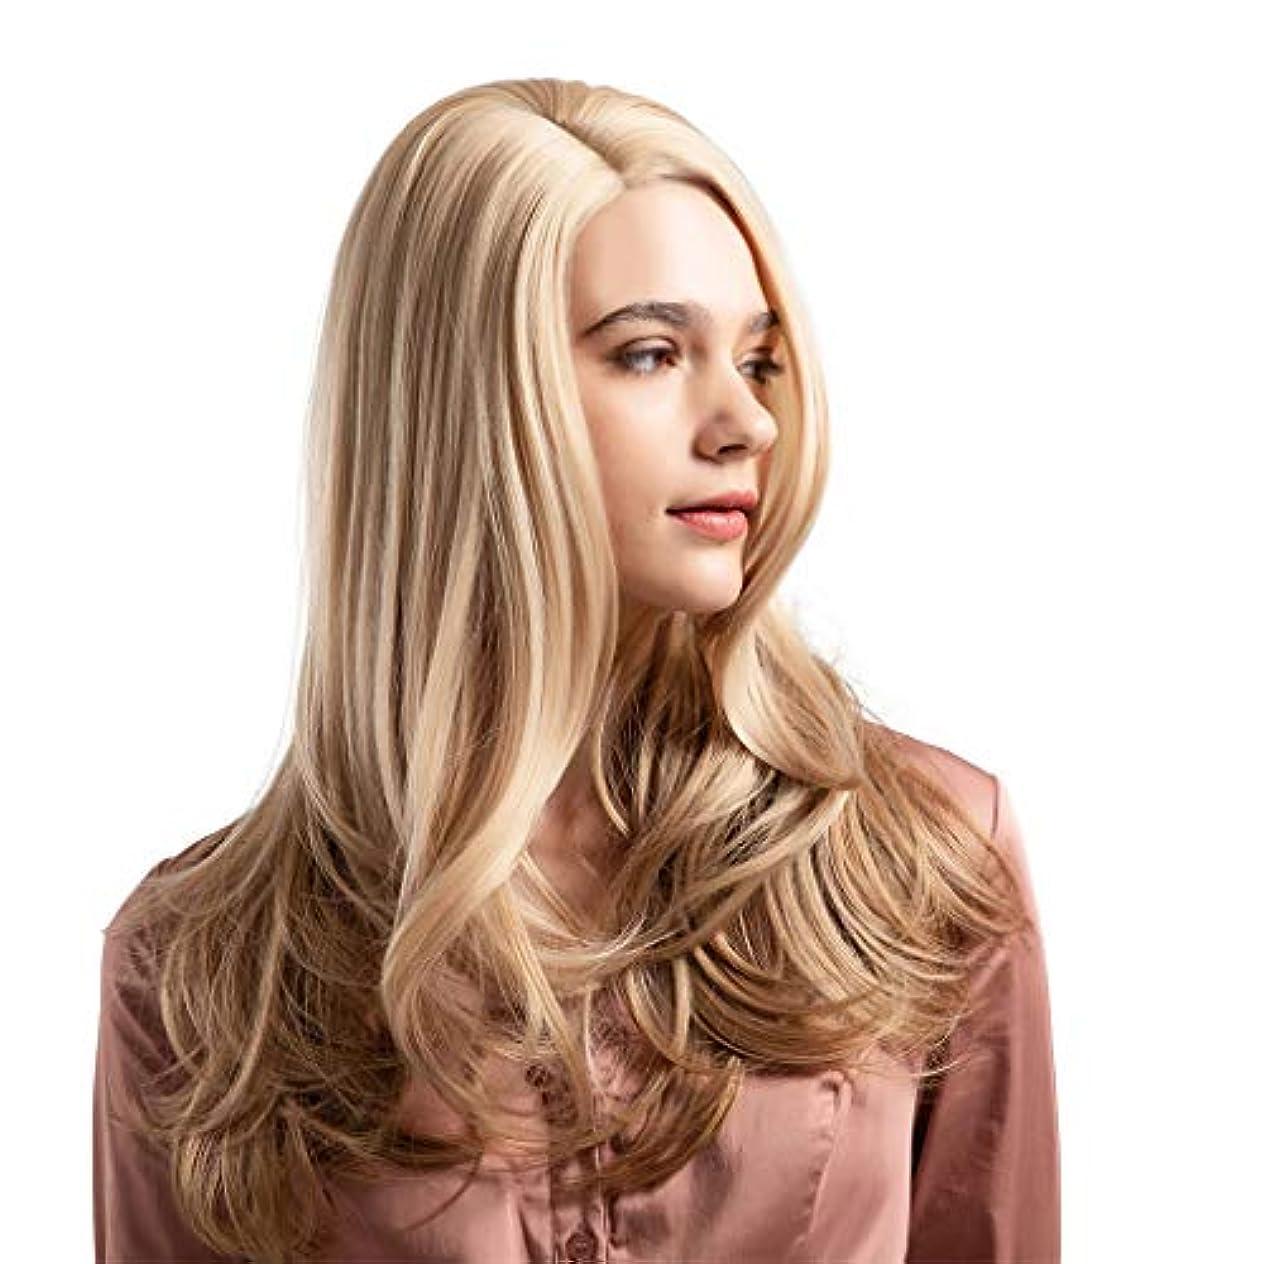 言い直す風邪をひく切り離すウィッグ女性黄金の大きな波状の巻き毛の高温シルクウィッグ22インチ